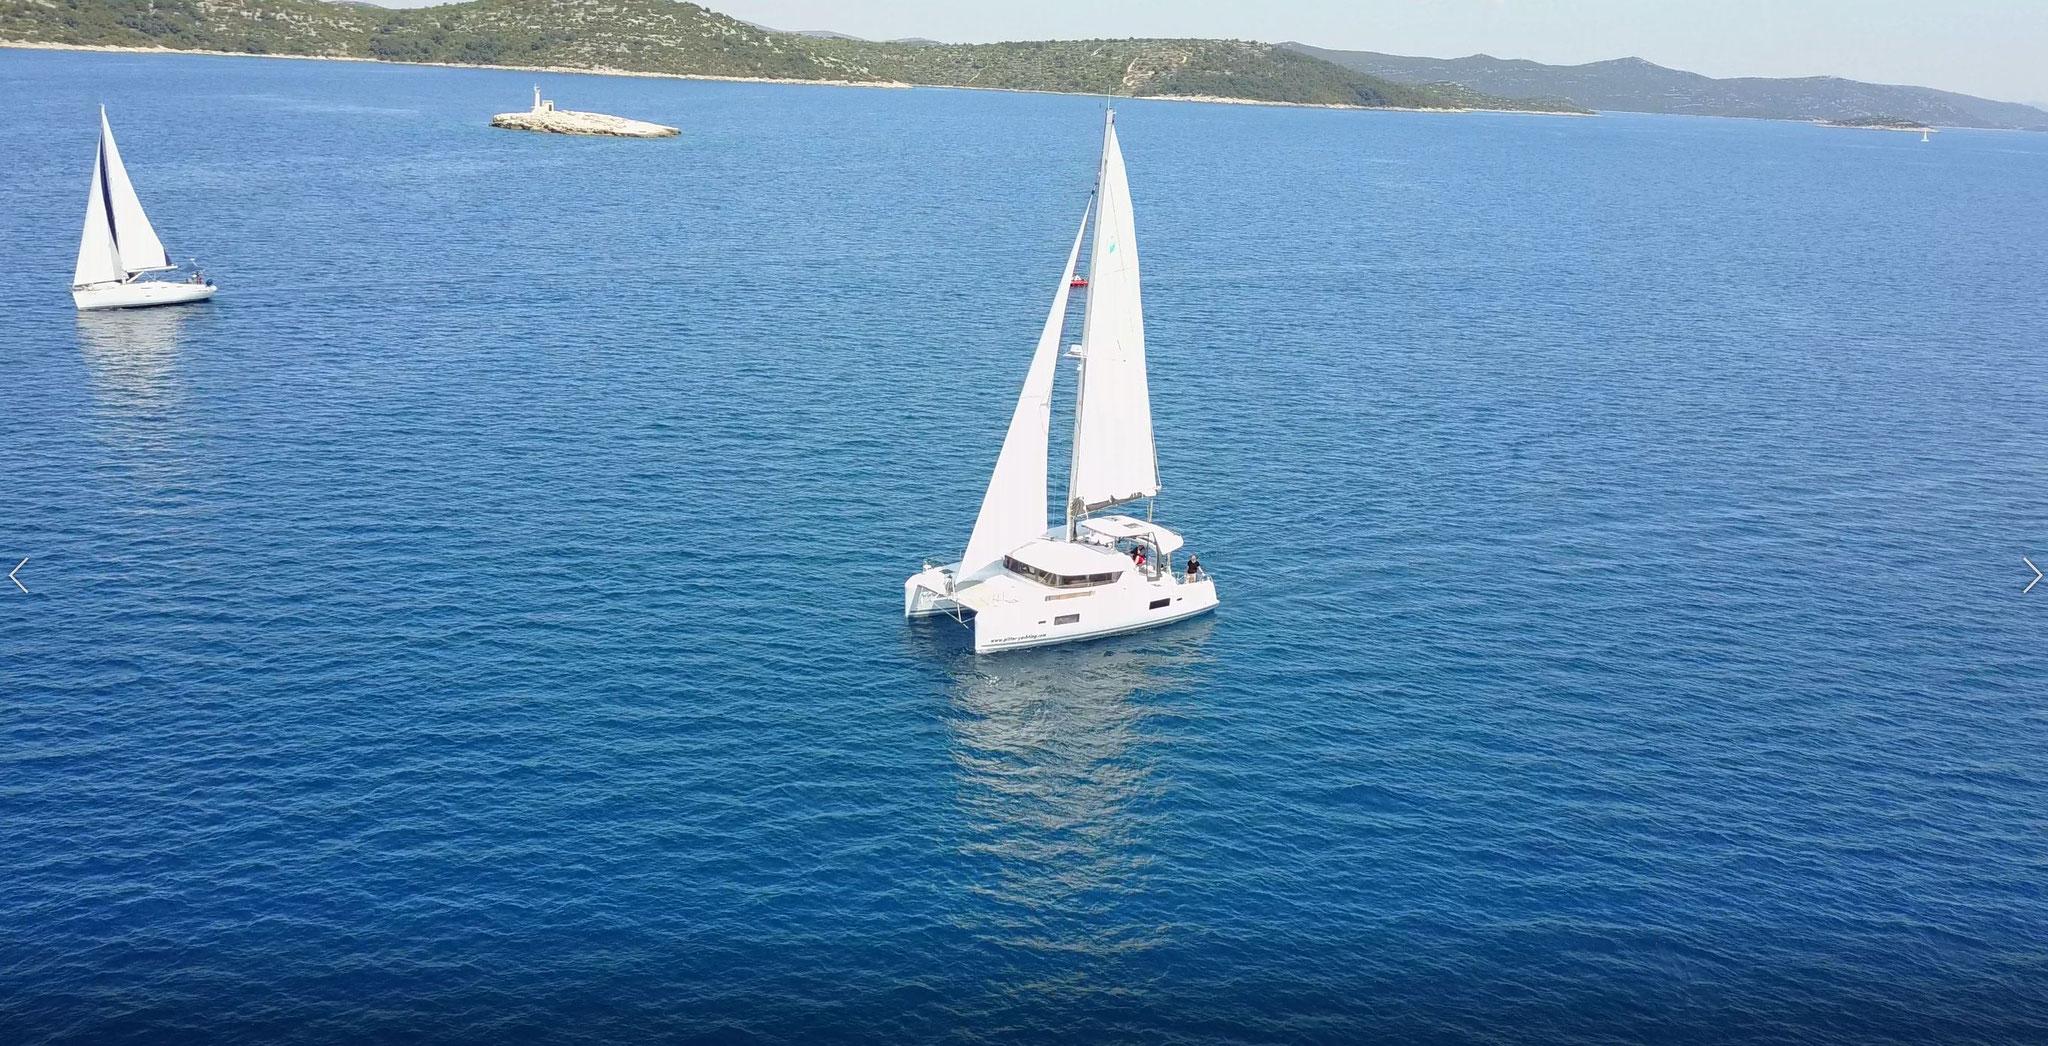 Katamaran Reisen als Hochseesegeln von Kroatien nach Teneriffa - www.katamaramtraum.com